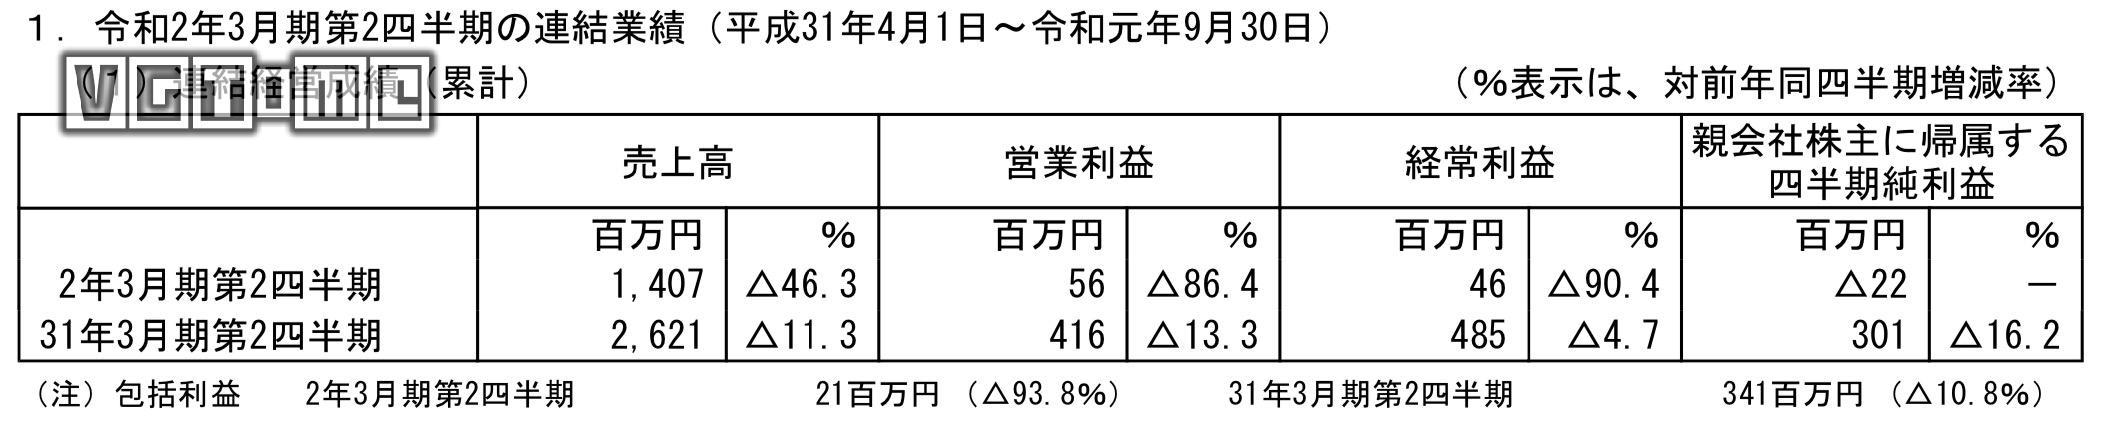 日本一2020财年上半年财报:亏损达2200万日元